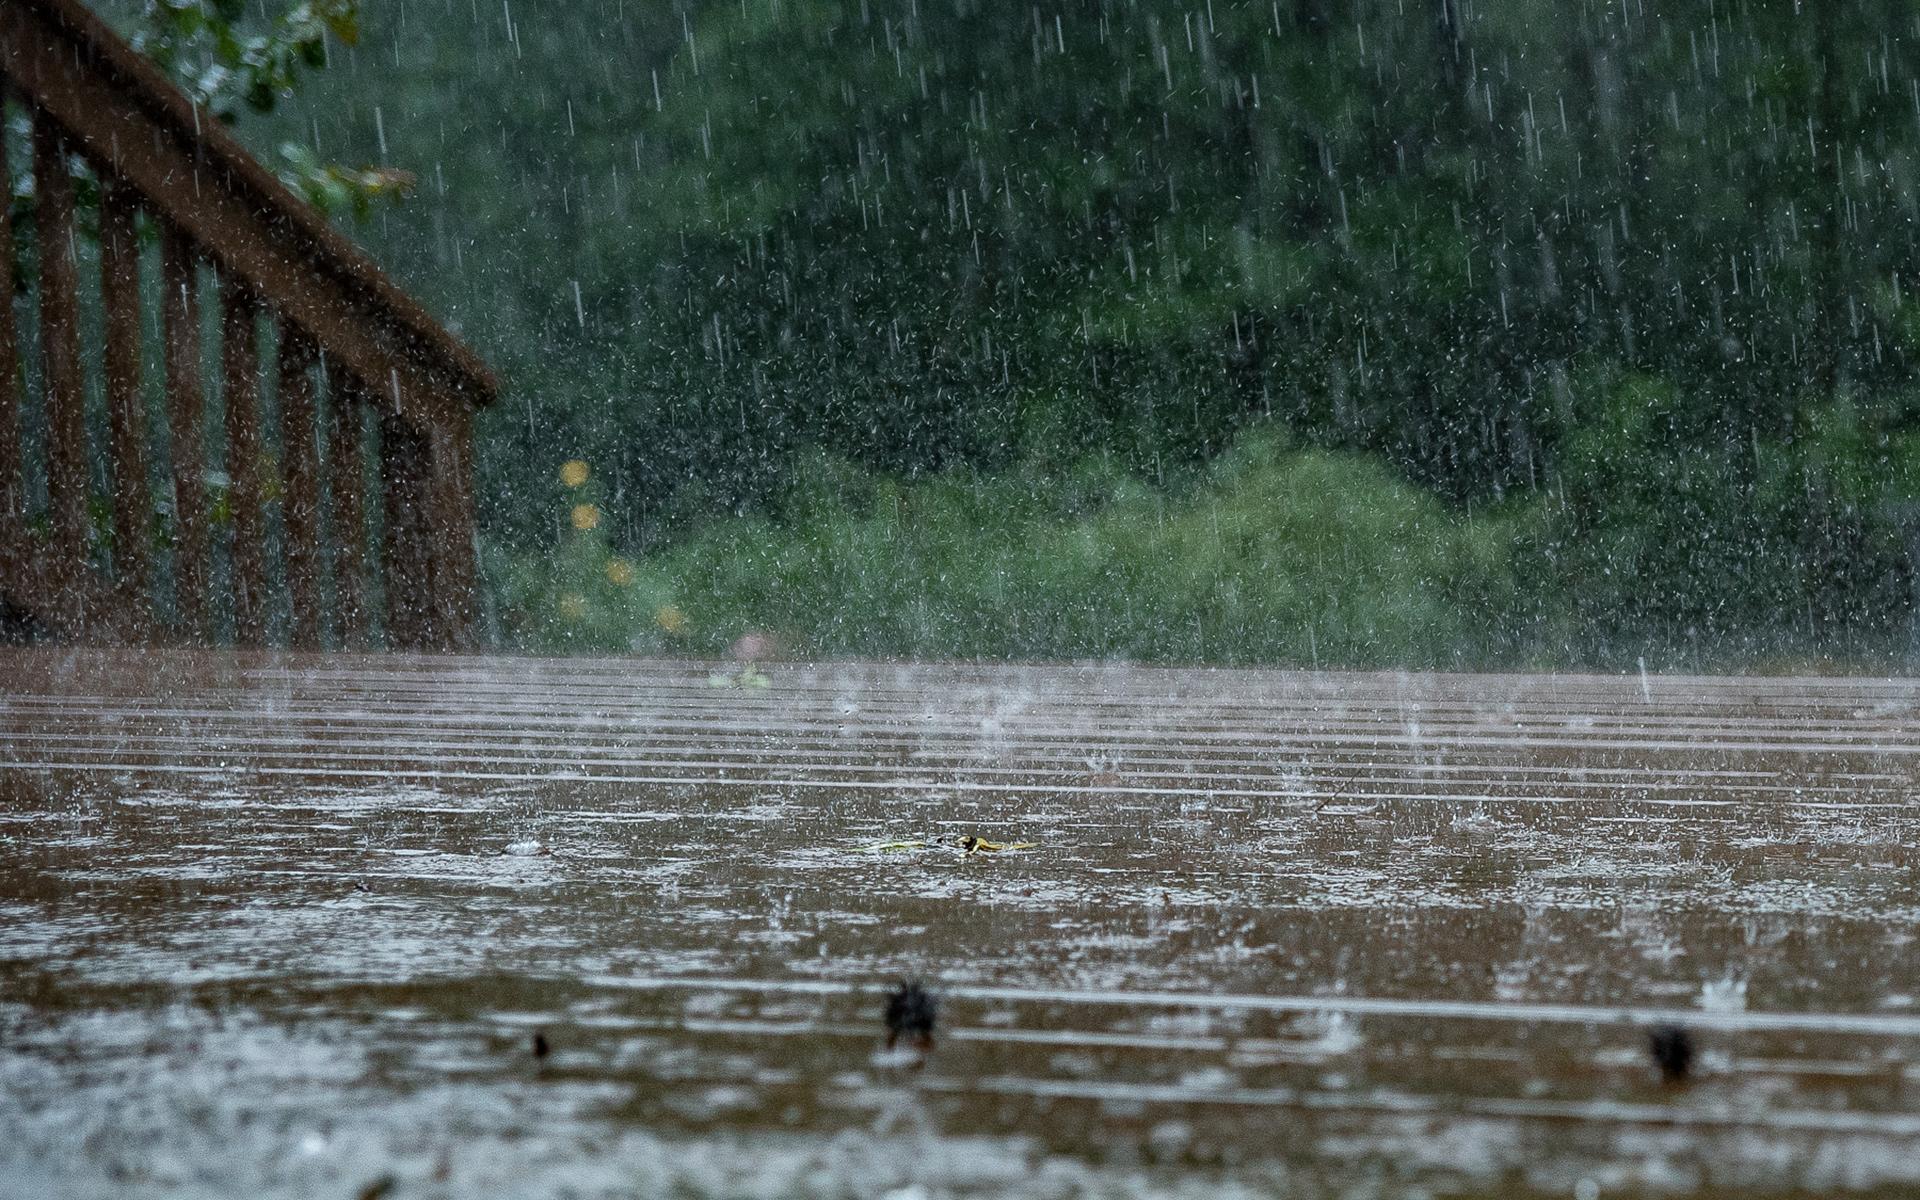 В Украине объявлено штормовое предупреждение: на юге и востоке ожидают град и шквалы